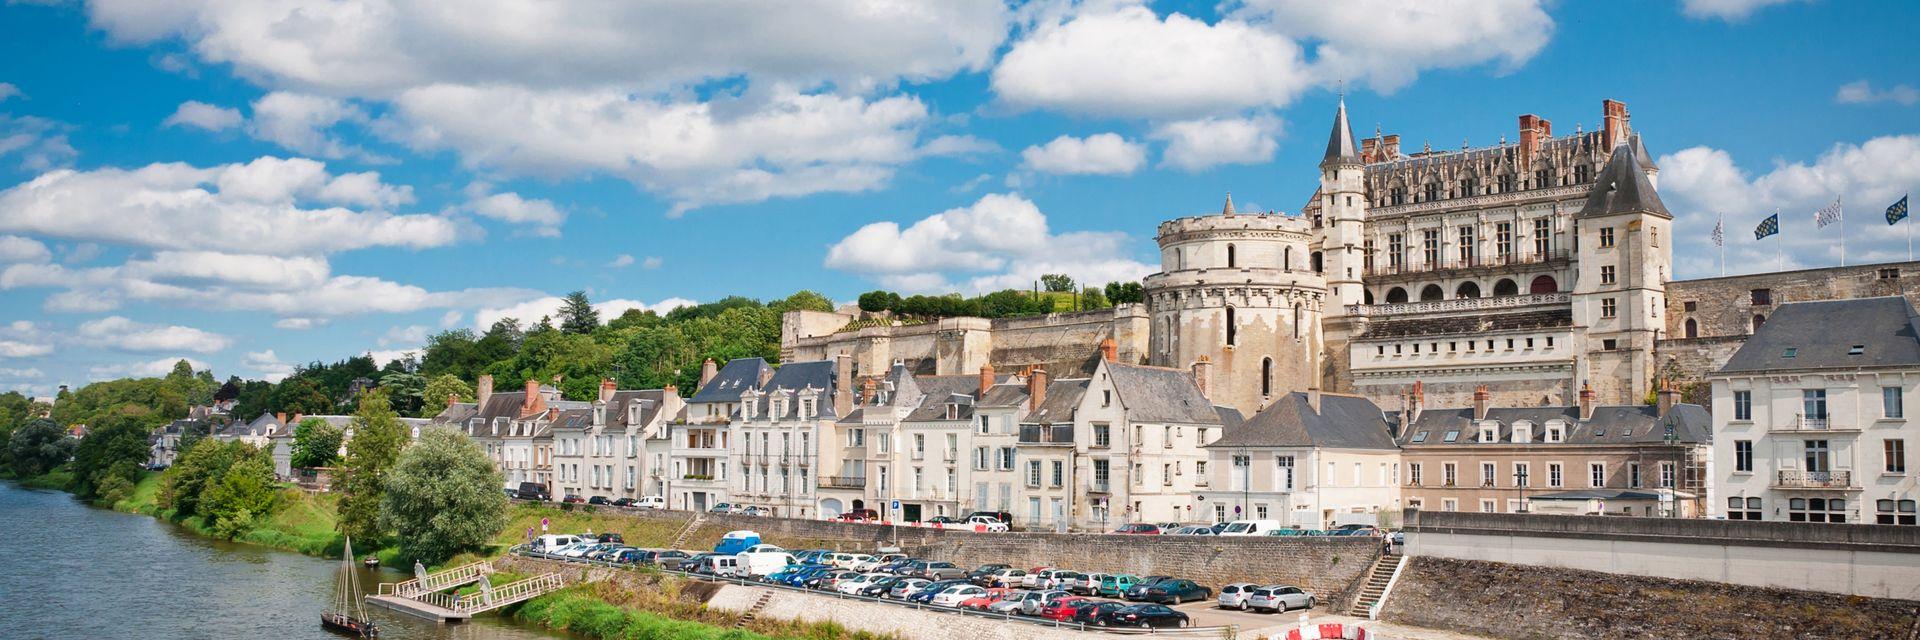 Vakantiehuis Centre - Val de Loire? Bekijk alle vakantiehuizen